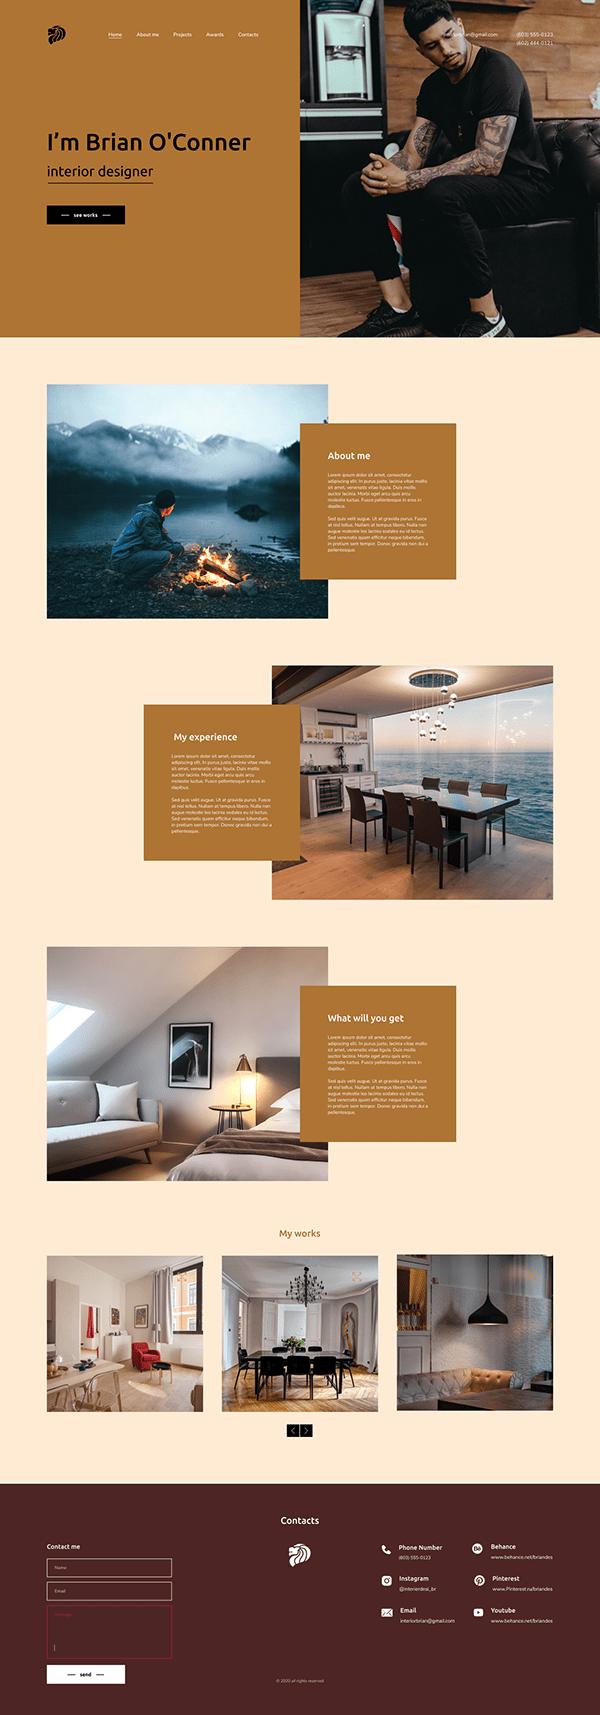 Site Portfolio